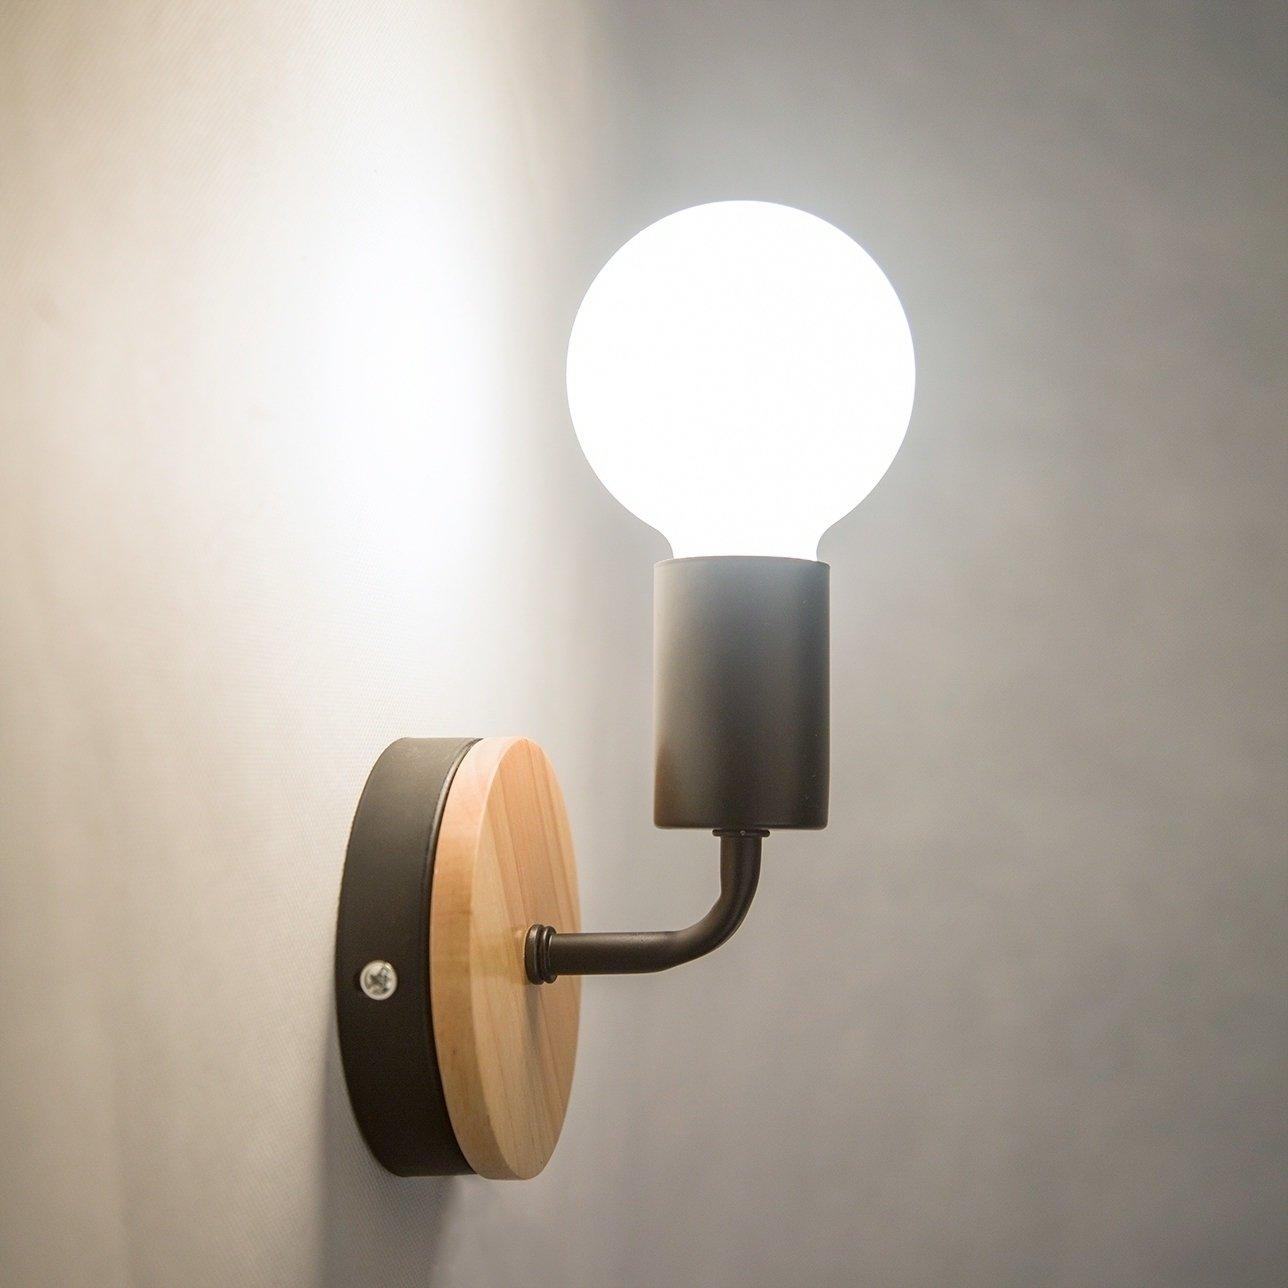 lampe pour miroir salle de bain finest miroir salle de bain avec tablette with lampe pour. Black Bedroom Furniture Sets. Home Design Ideas